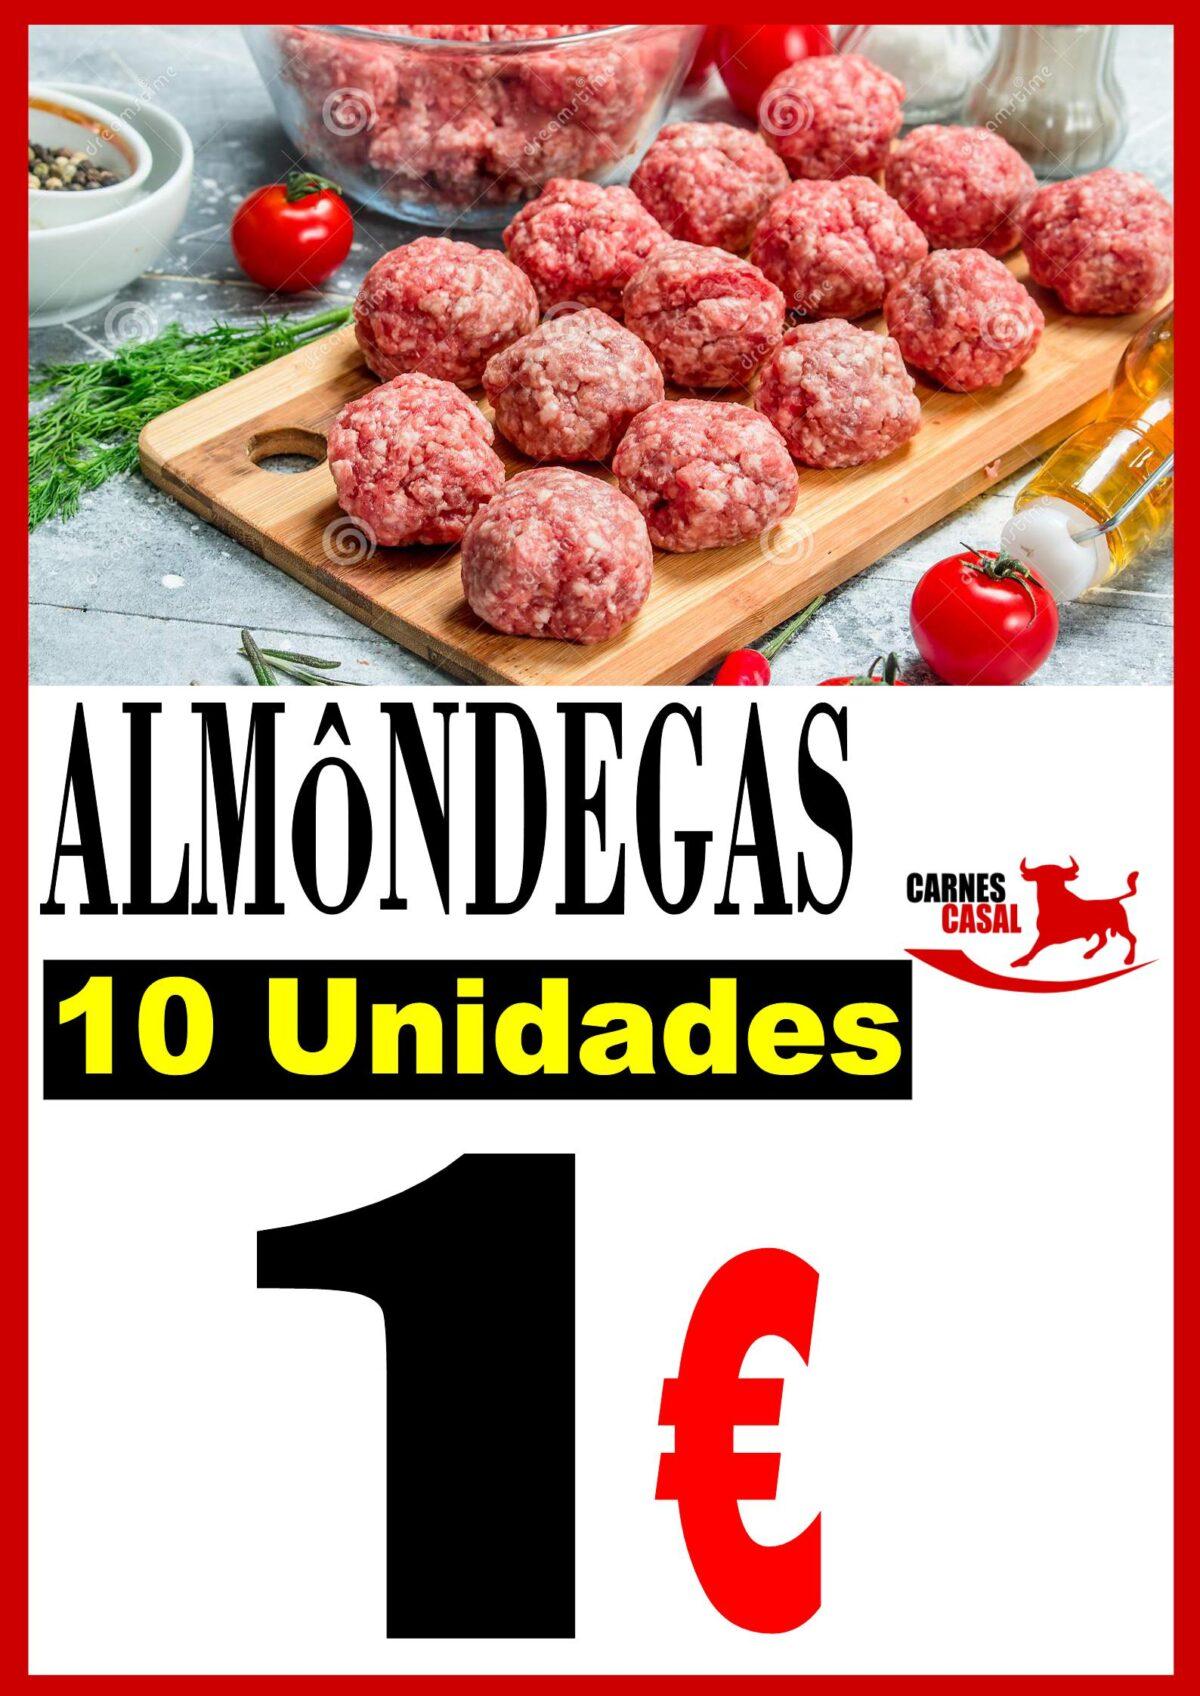 Almondegas